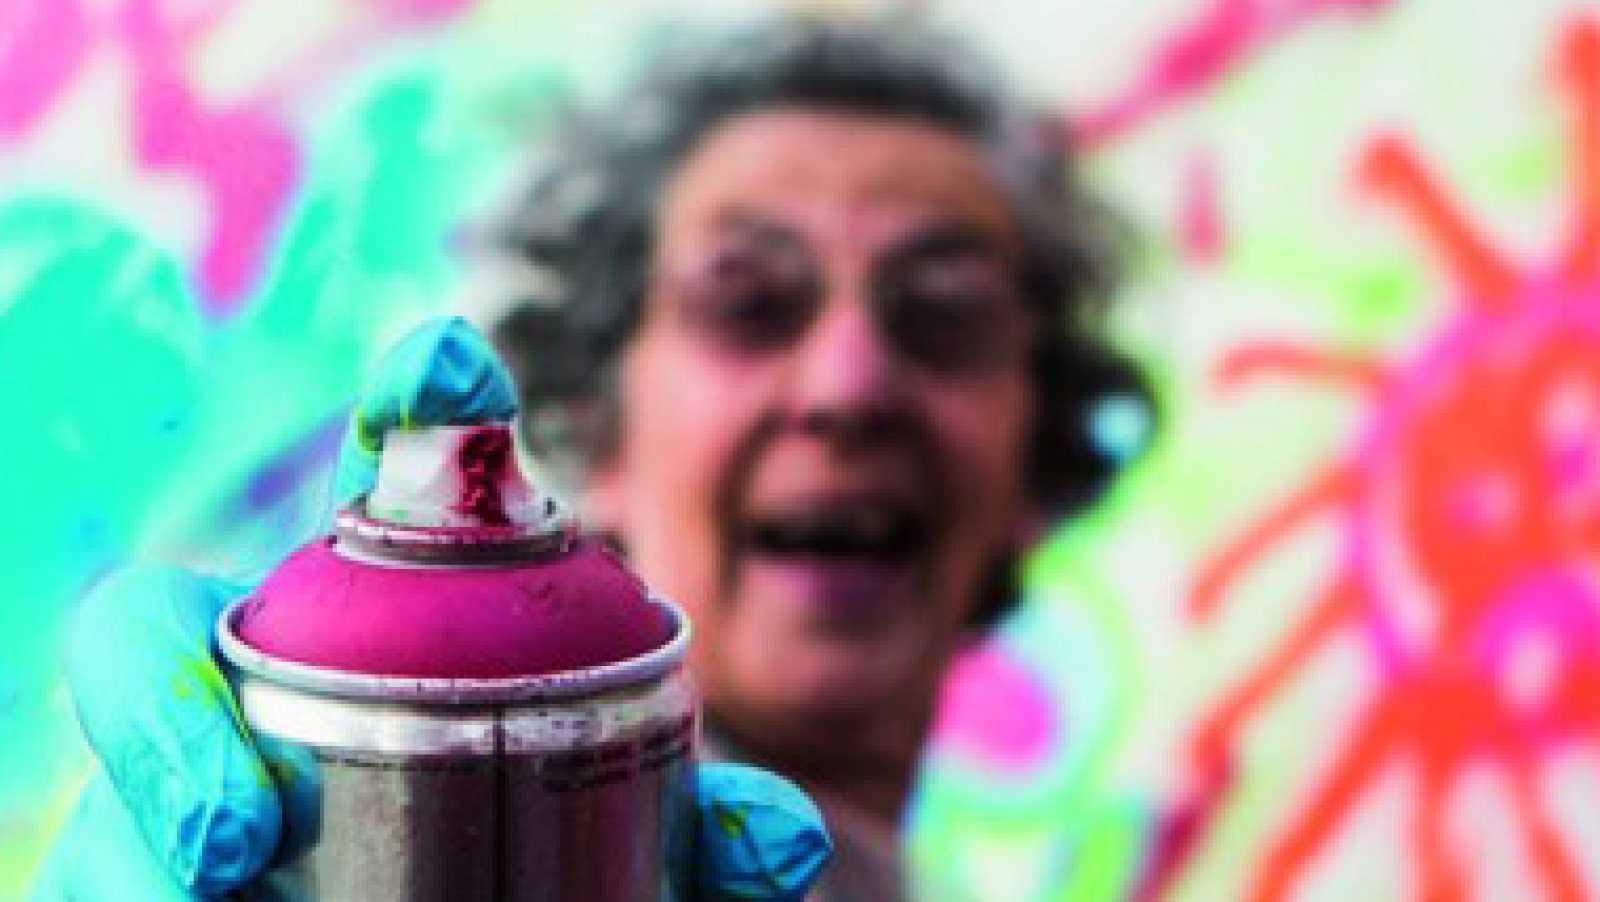 Artesfera - Una madre tan punk - 08/03/16 - escuchar ahora